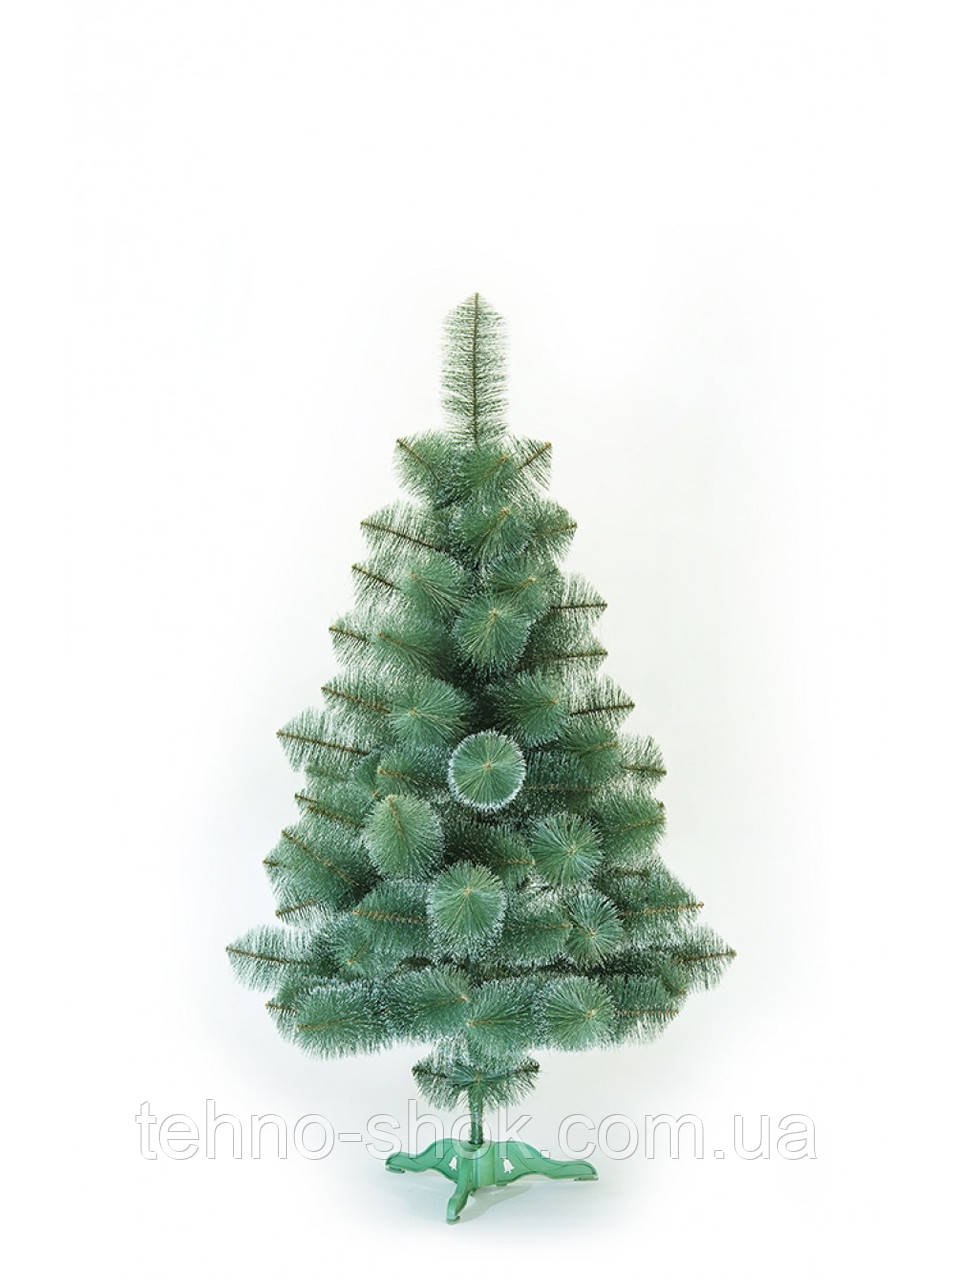 Сосна искусственная зелёная с белыми кончиками 1.5м (СШ-БК-1.5)